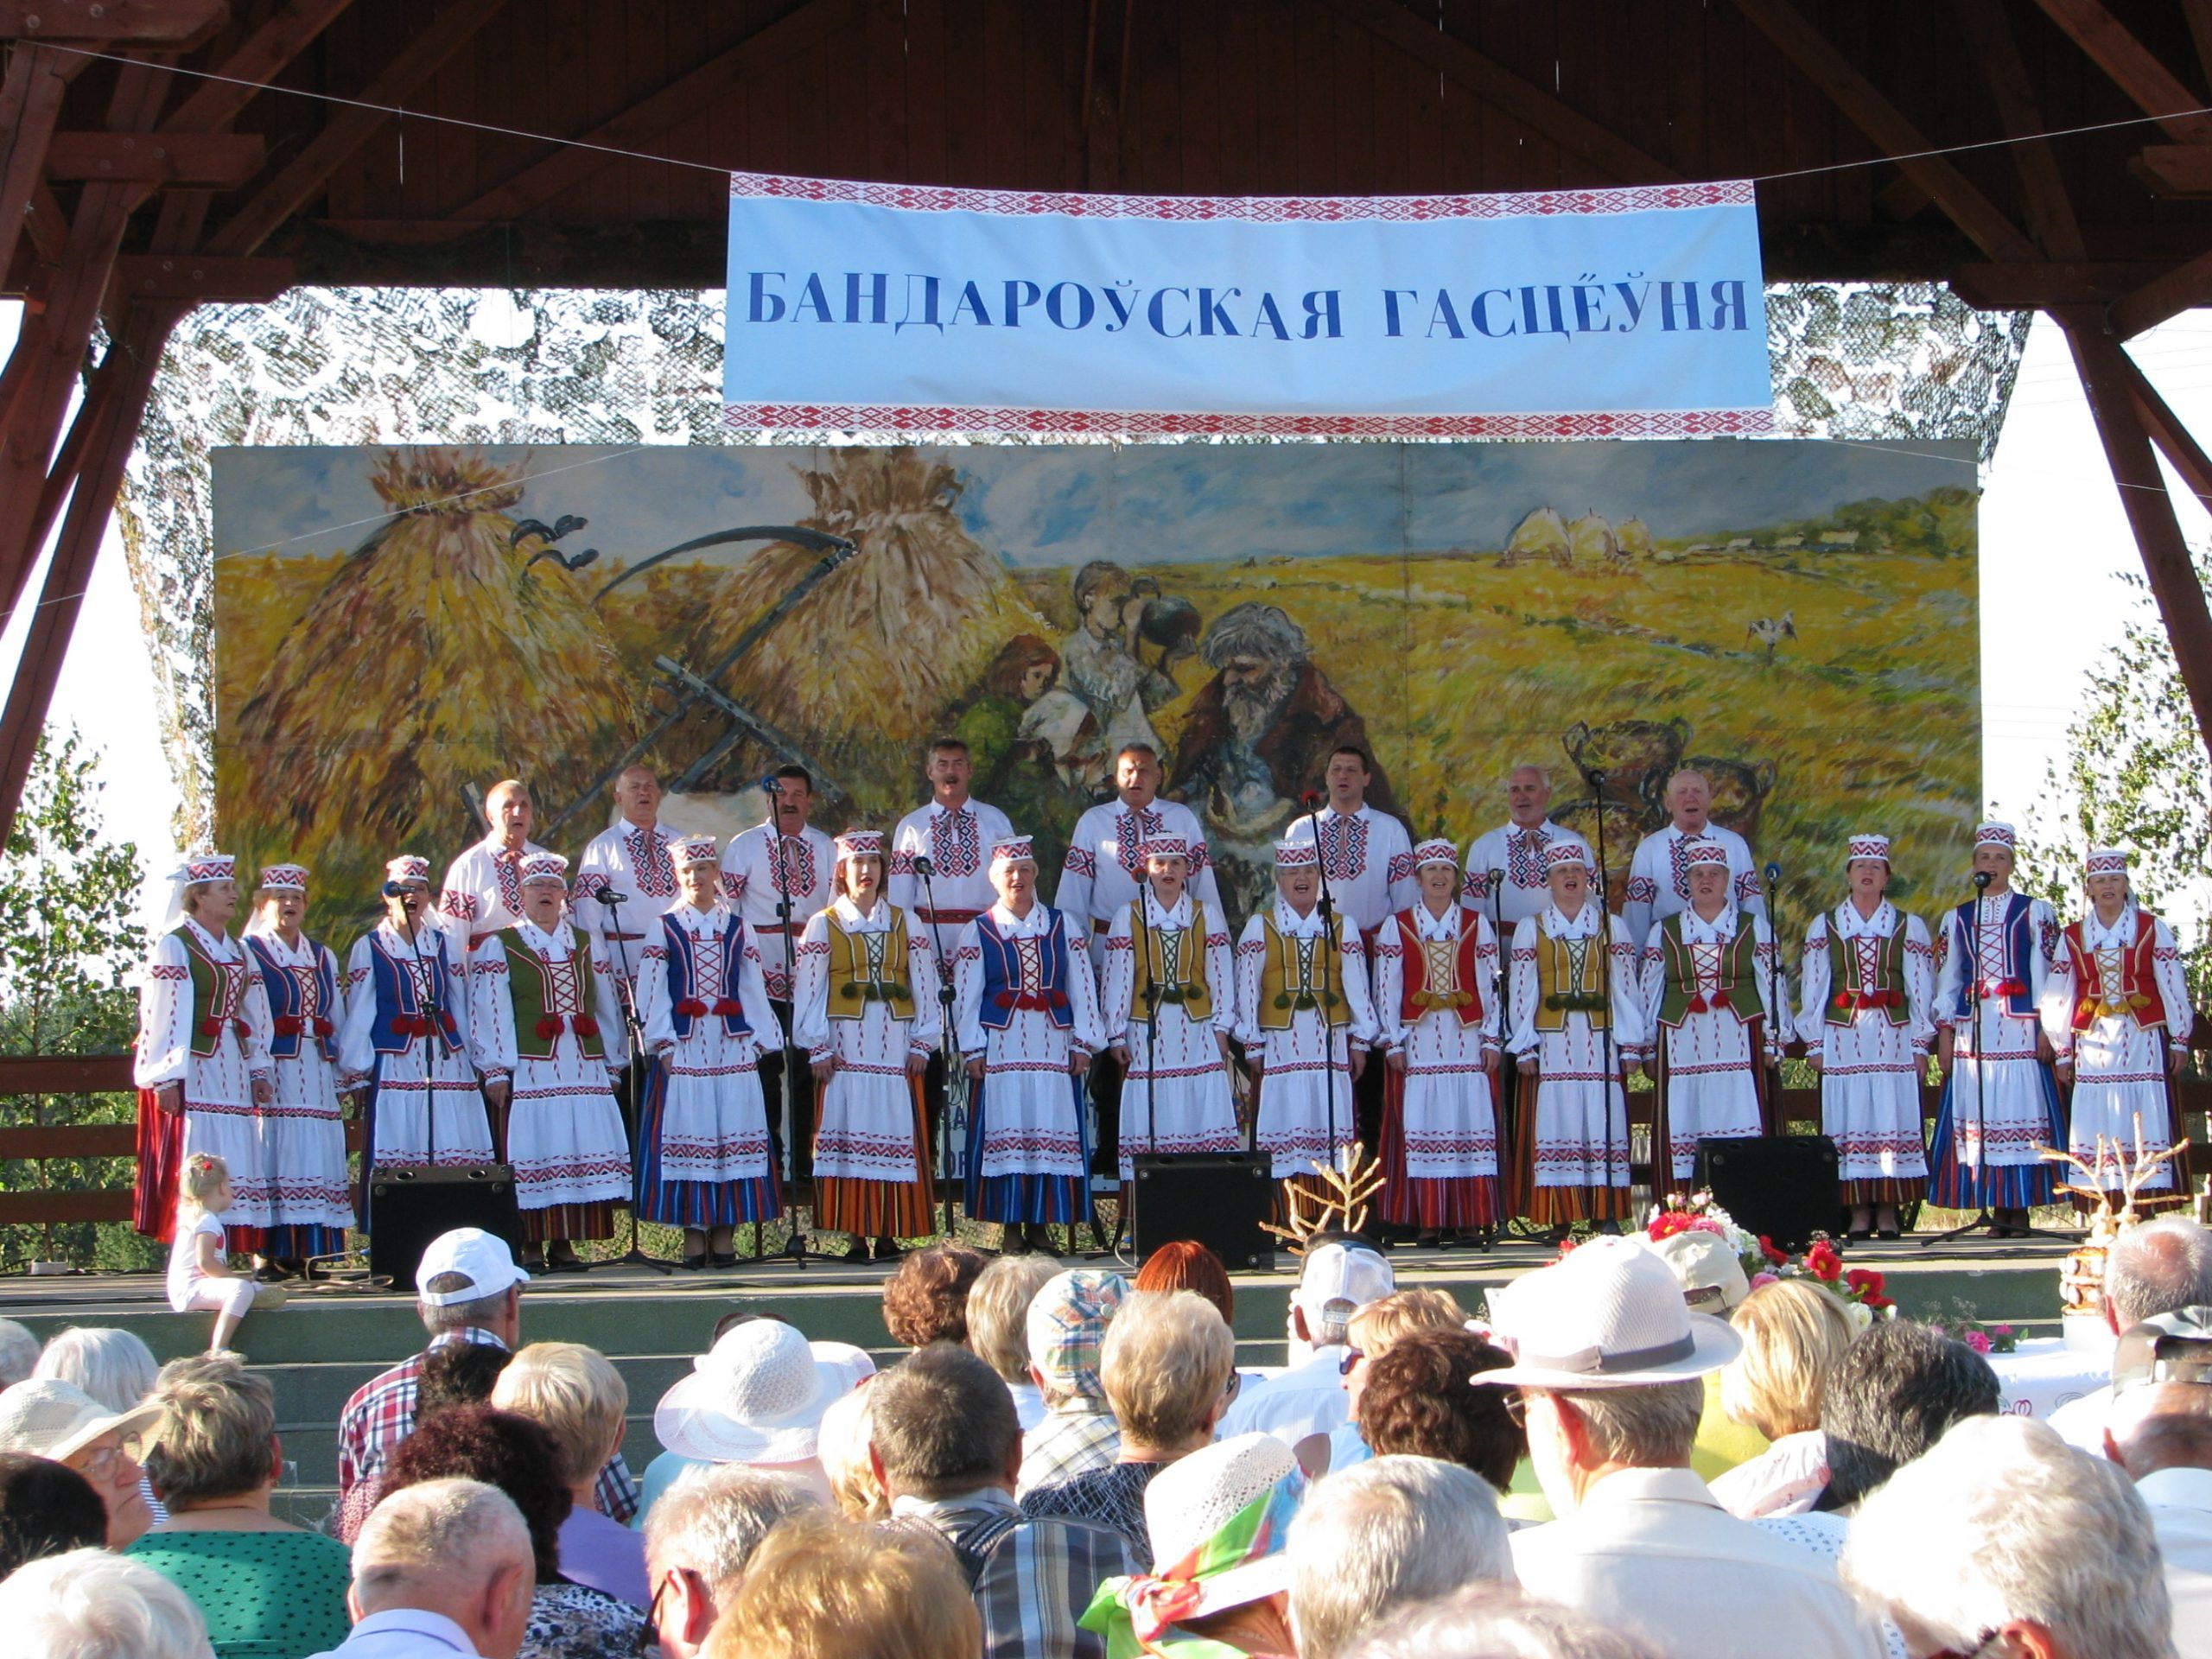 chór ludowy na scenie